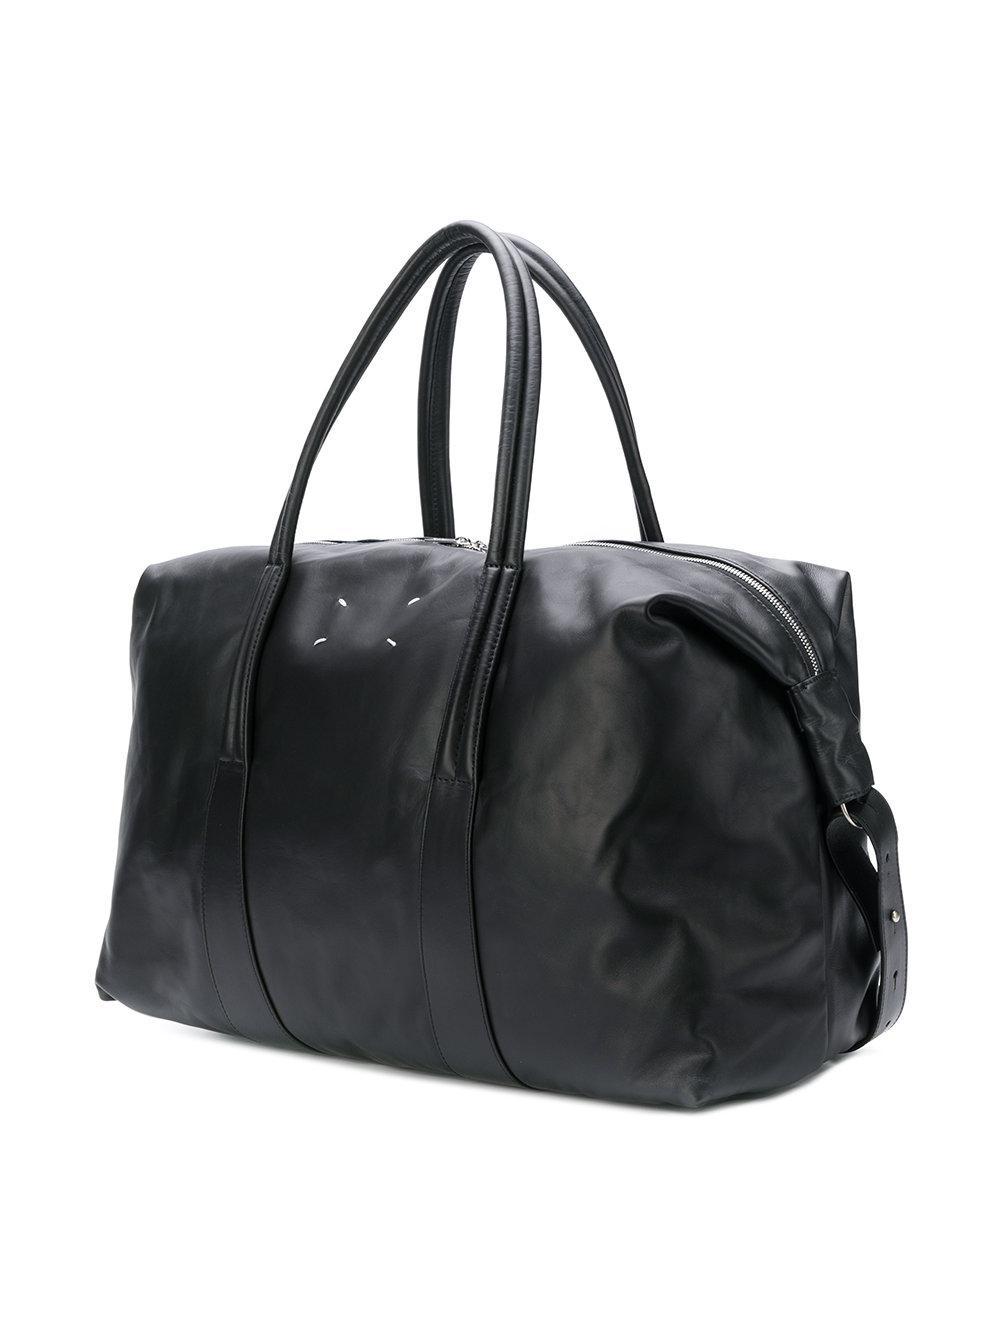 Maison Margiela Leather Crossbody Travel Bag in Black for Men